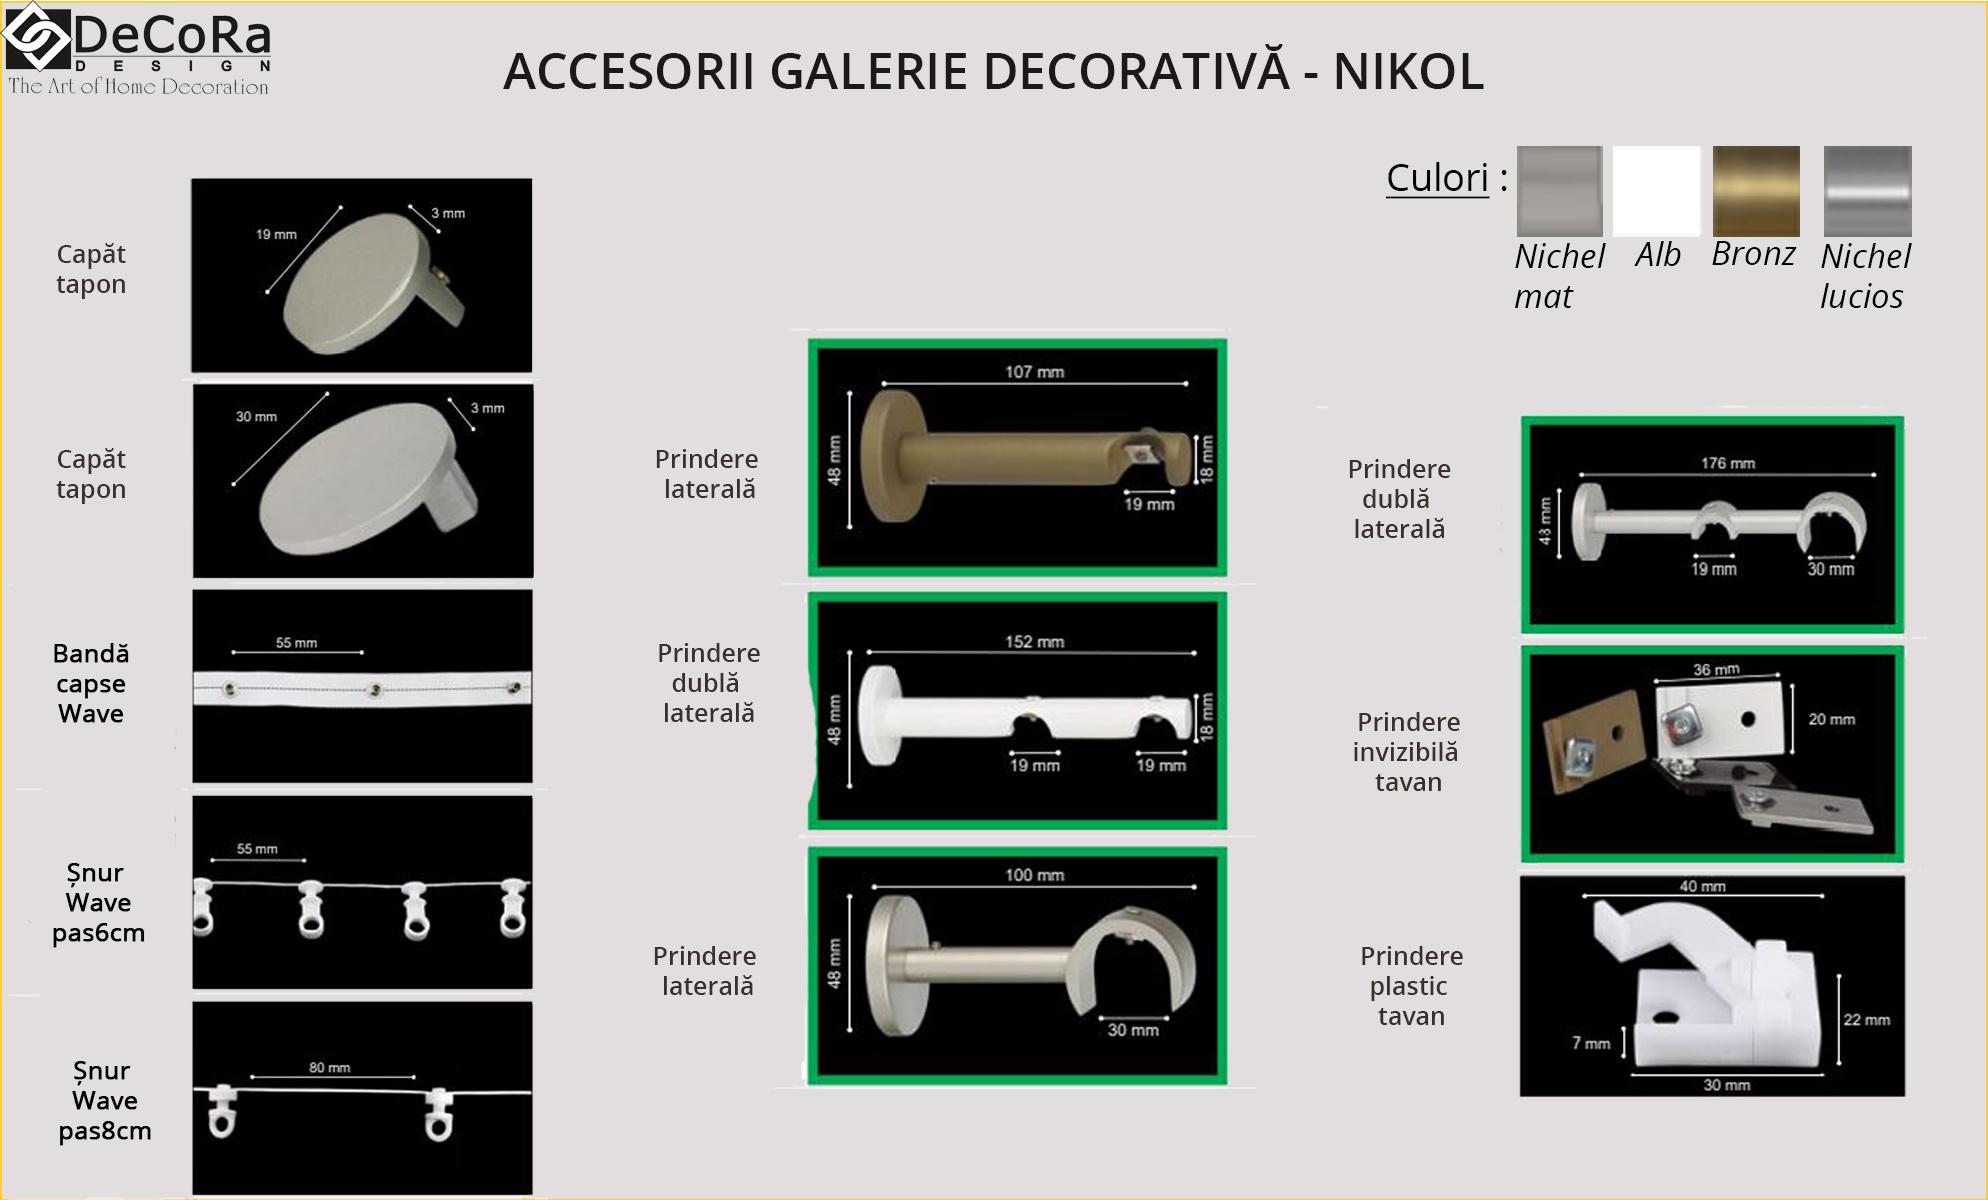 Accesorii galerie - NIKOL, capat tapon, banda, snur, prindere laterala, diverse culori : nichel mat, bronz, alb, nichel lucios.